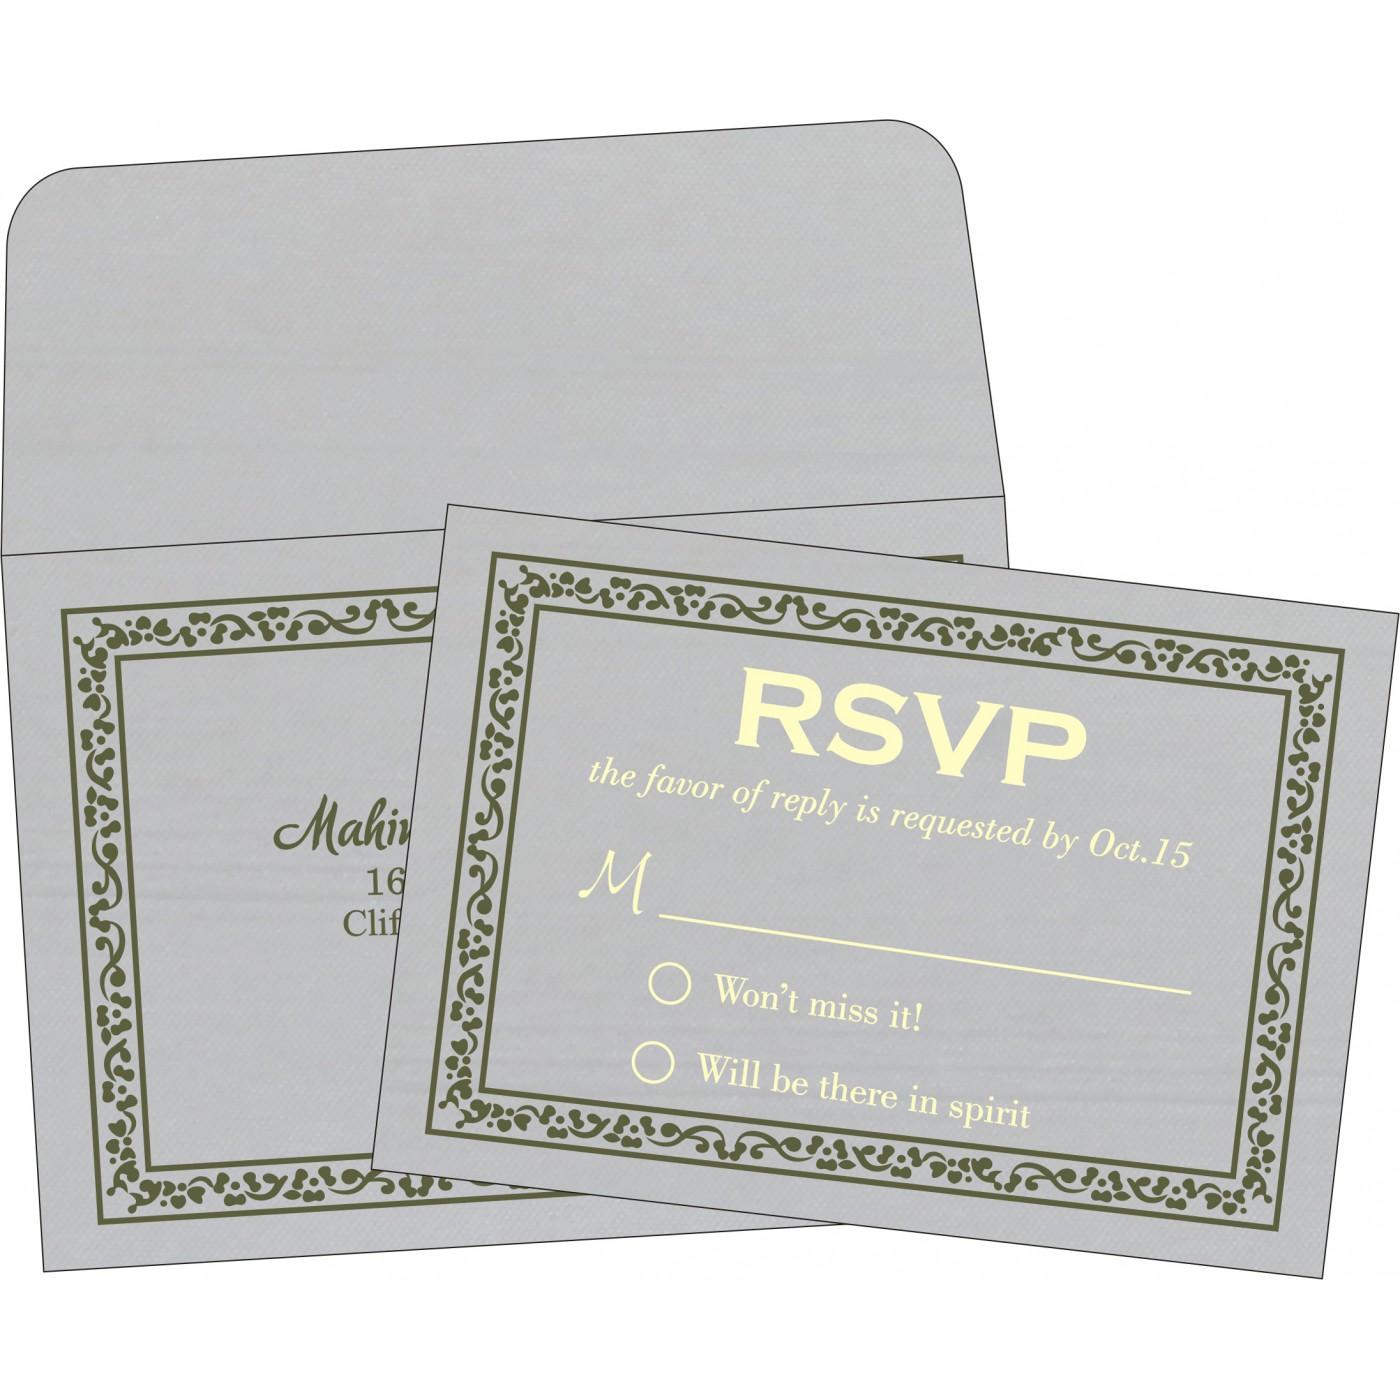 RSVP Cards - RSVP-8214L